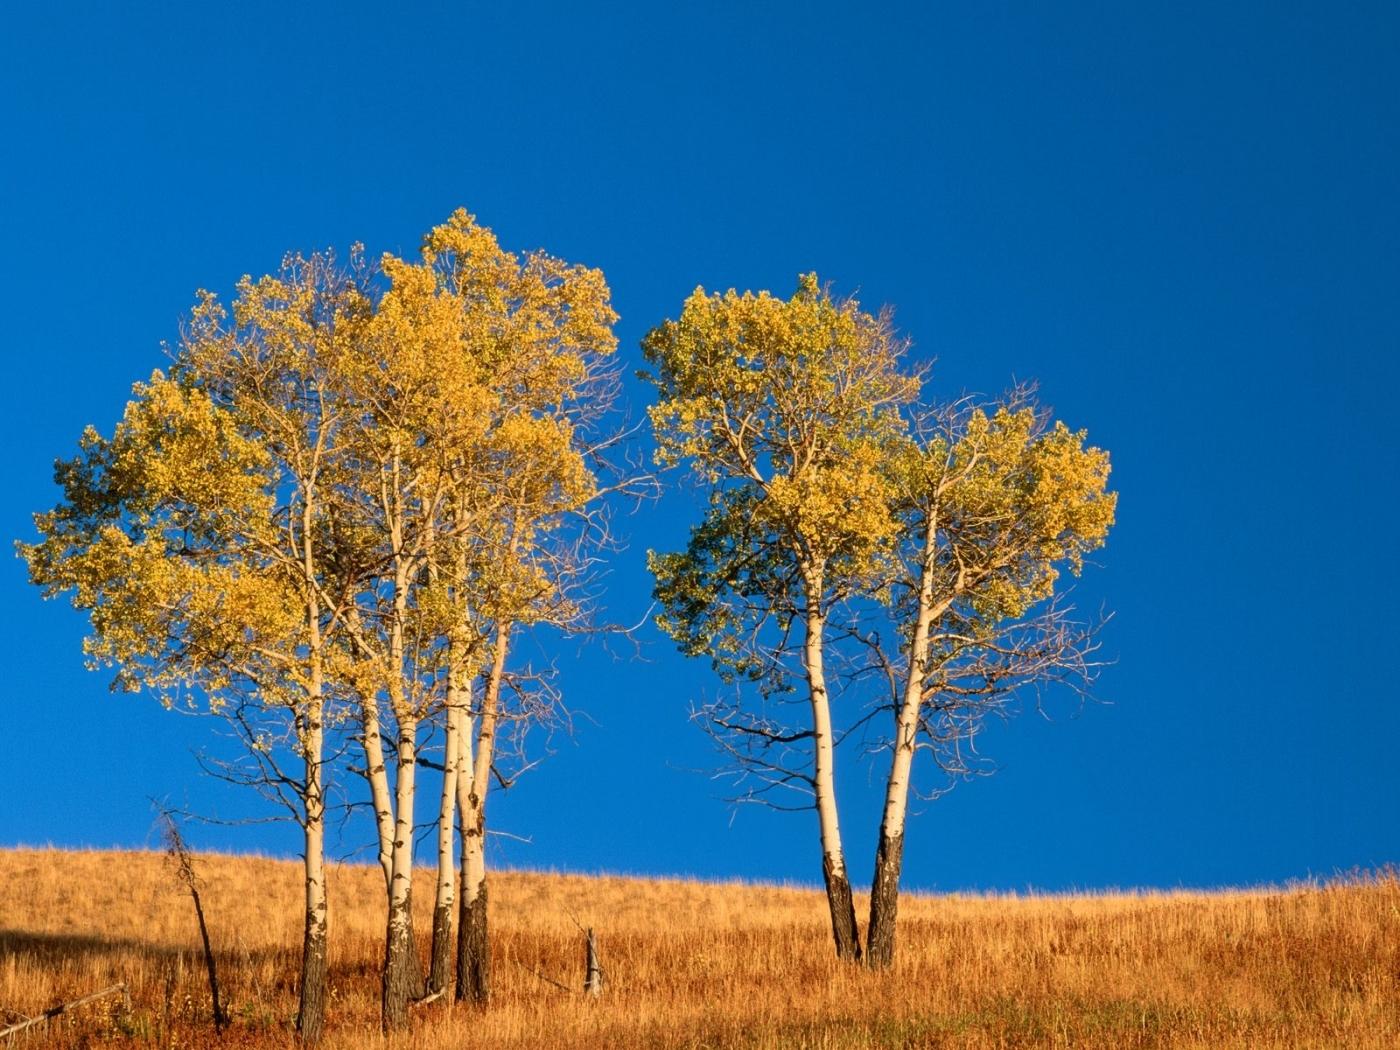 24525 скачать обои Пейзаж, Деревья, Поля, Небо, Осень - заставки и картинки бесплатно